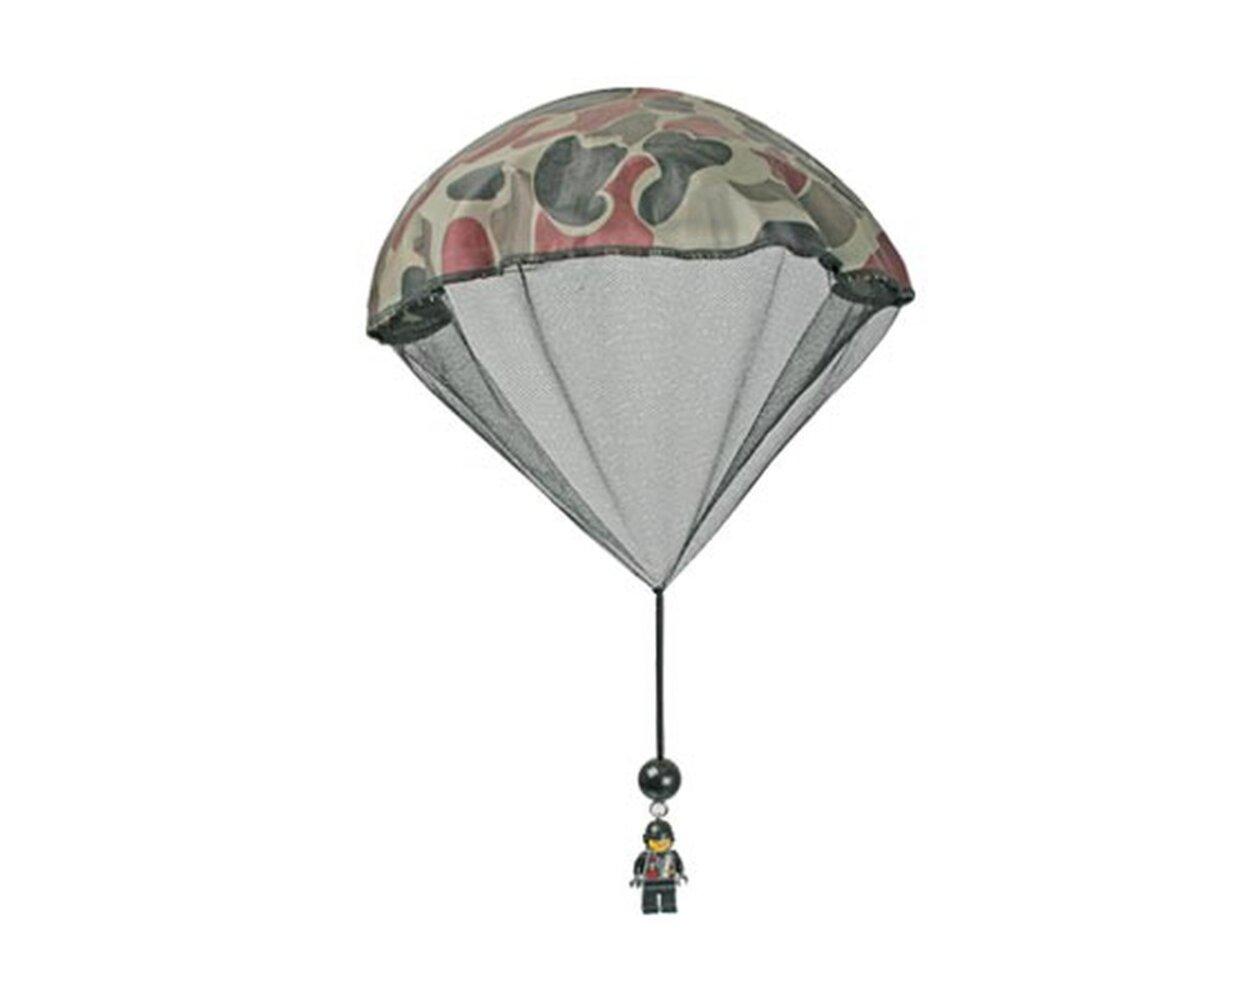 Dino 2010 Parachute